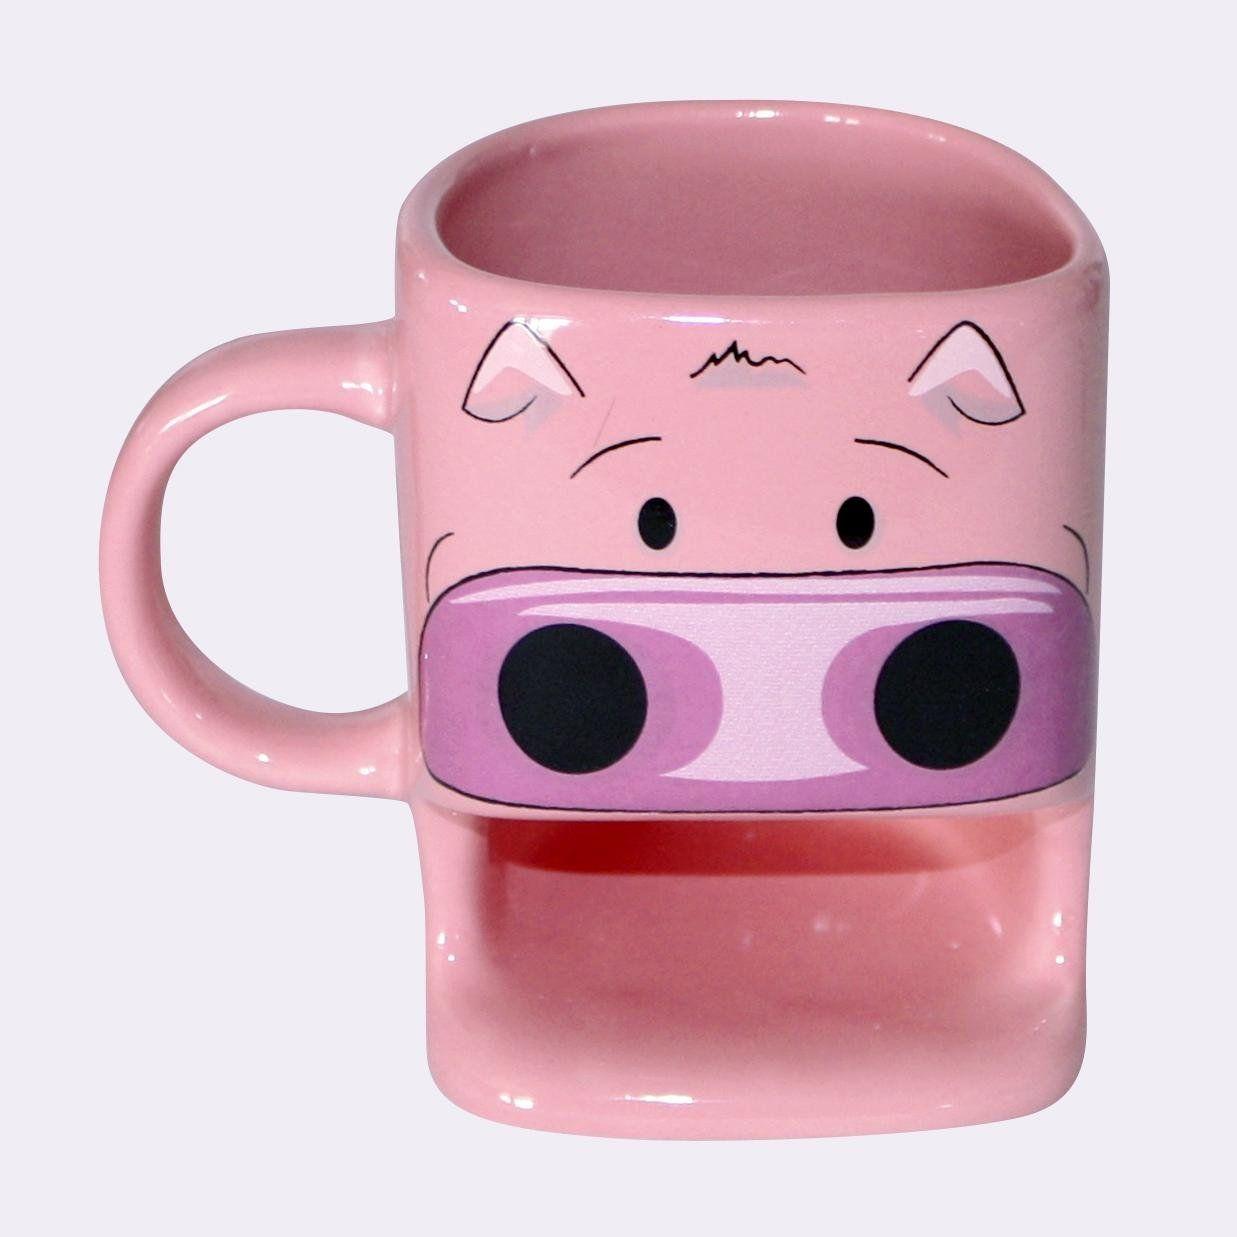 Schwein Tasse mit Keksablage Cookie Cup, aus Keramik: Amazon.de ...